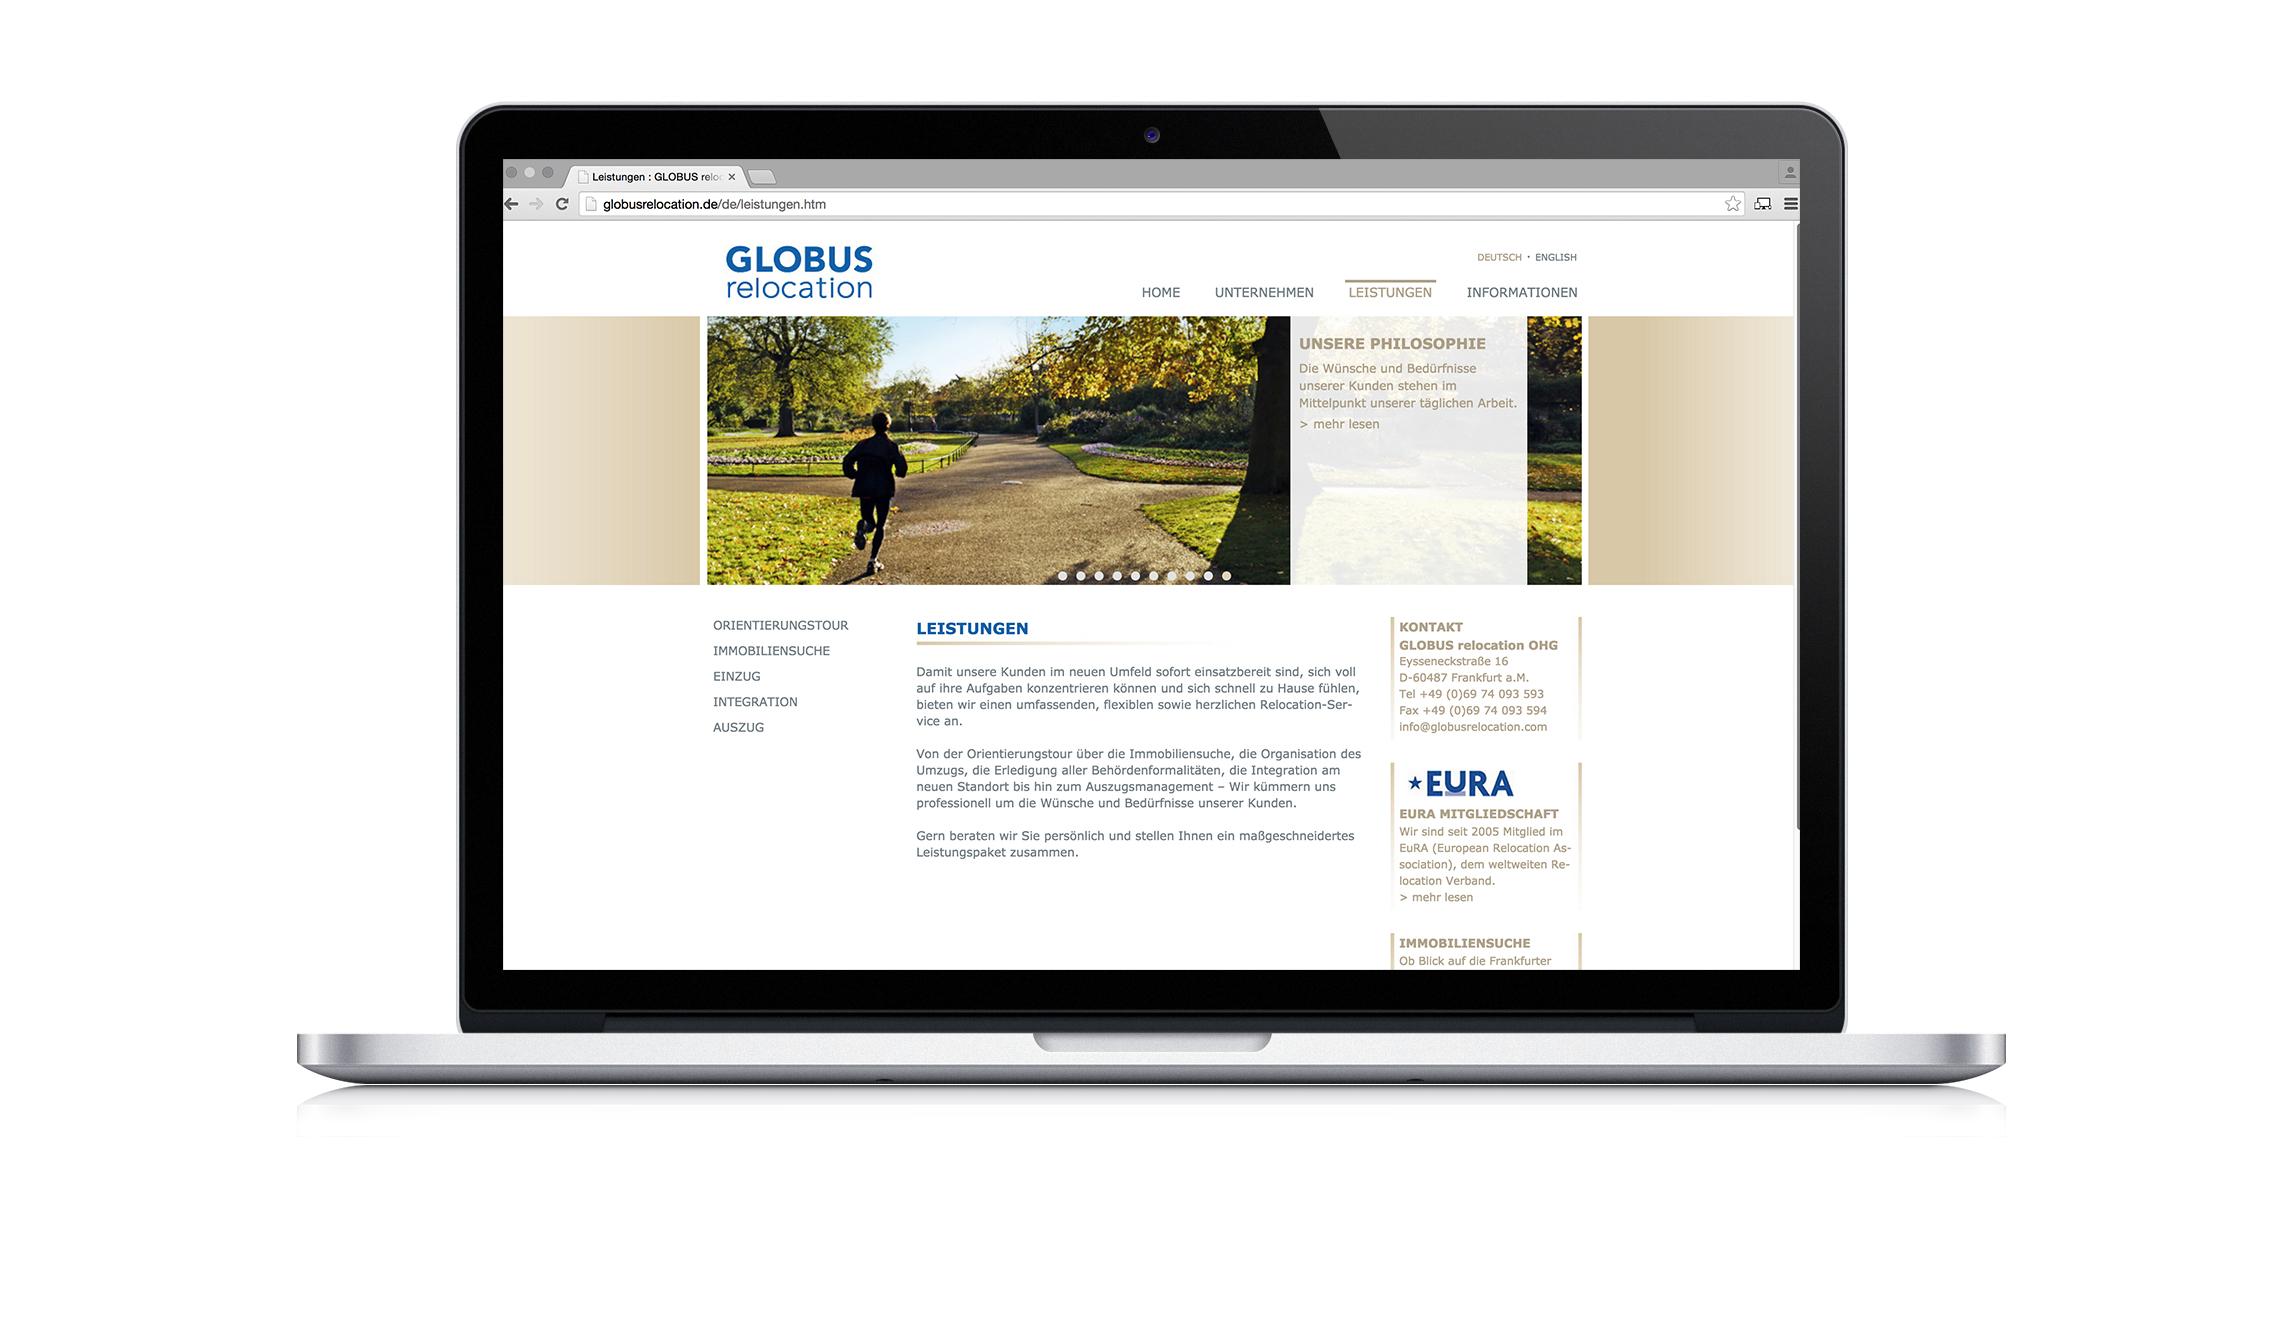 GBR_Website_Macbook_4